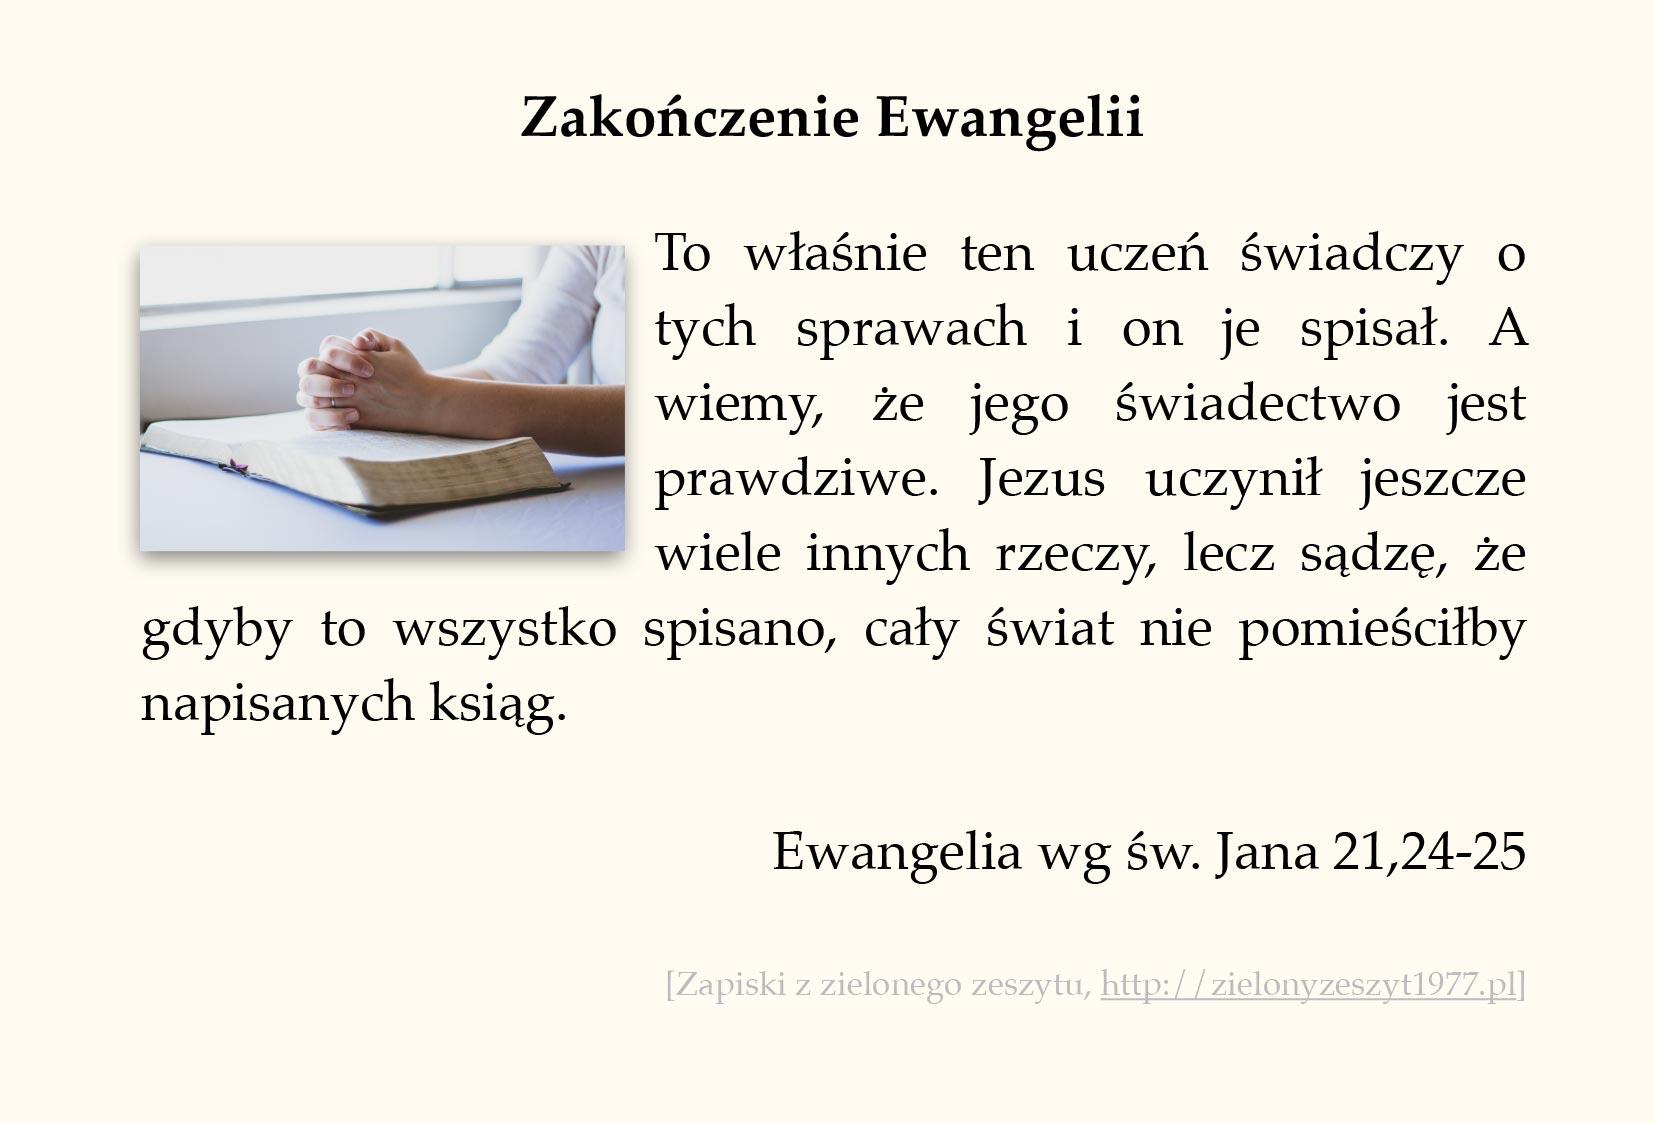 Zakończenie Ewangelii, Ewangelia św. Jana (#107)